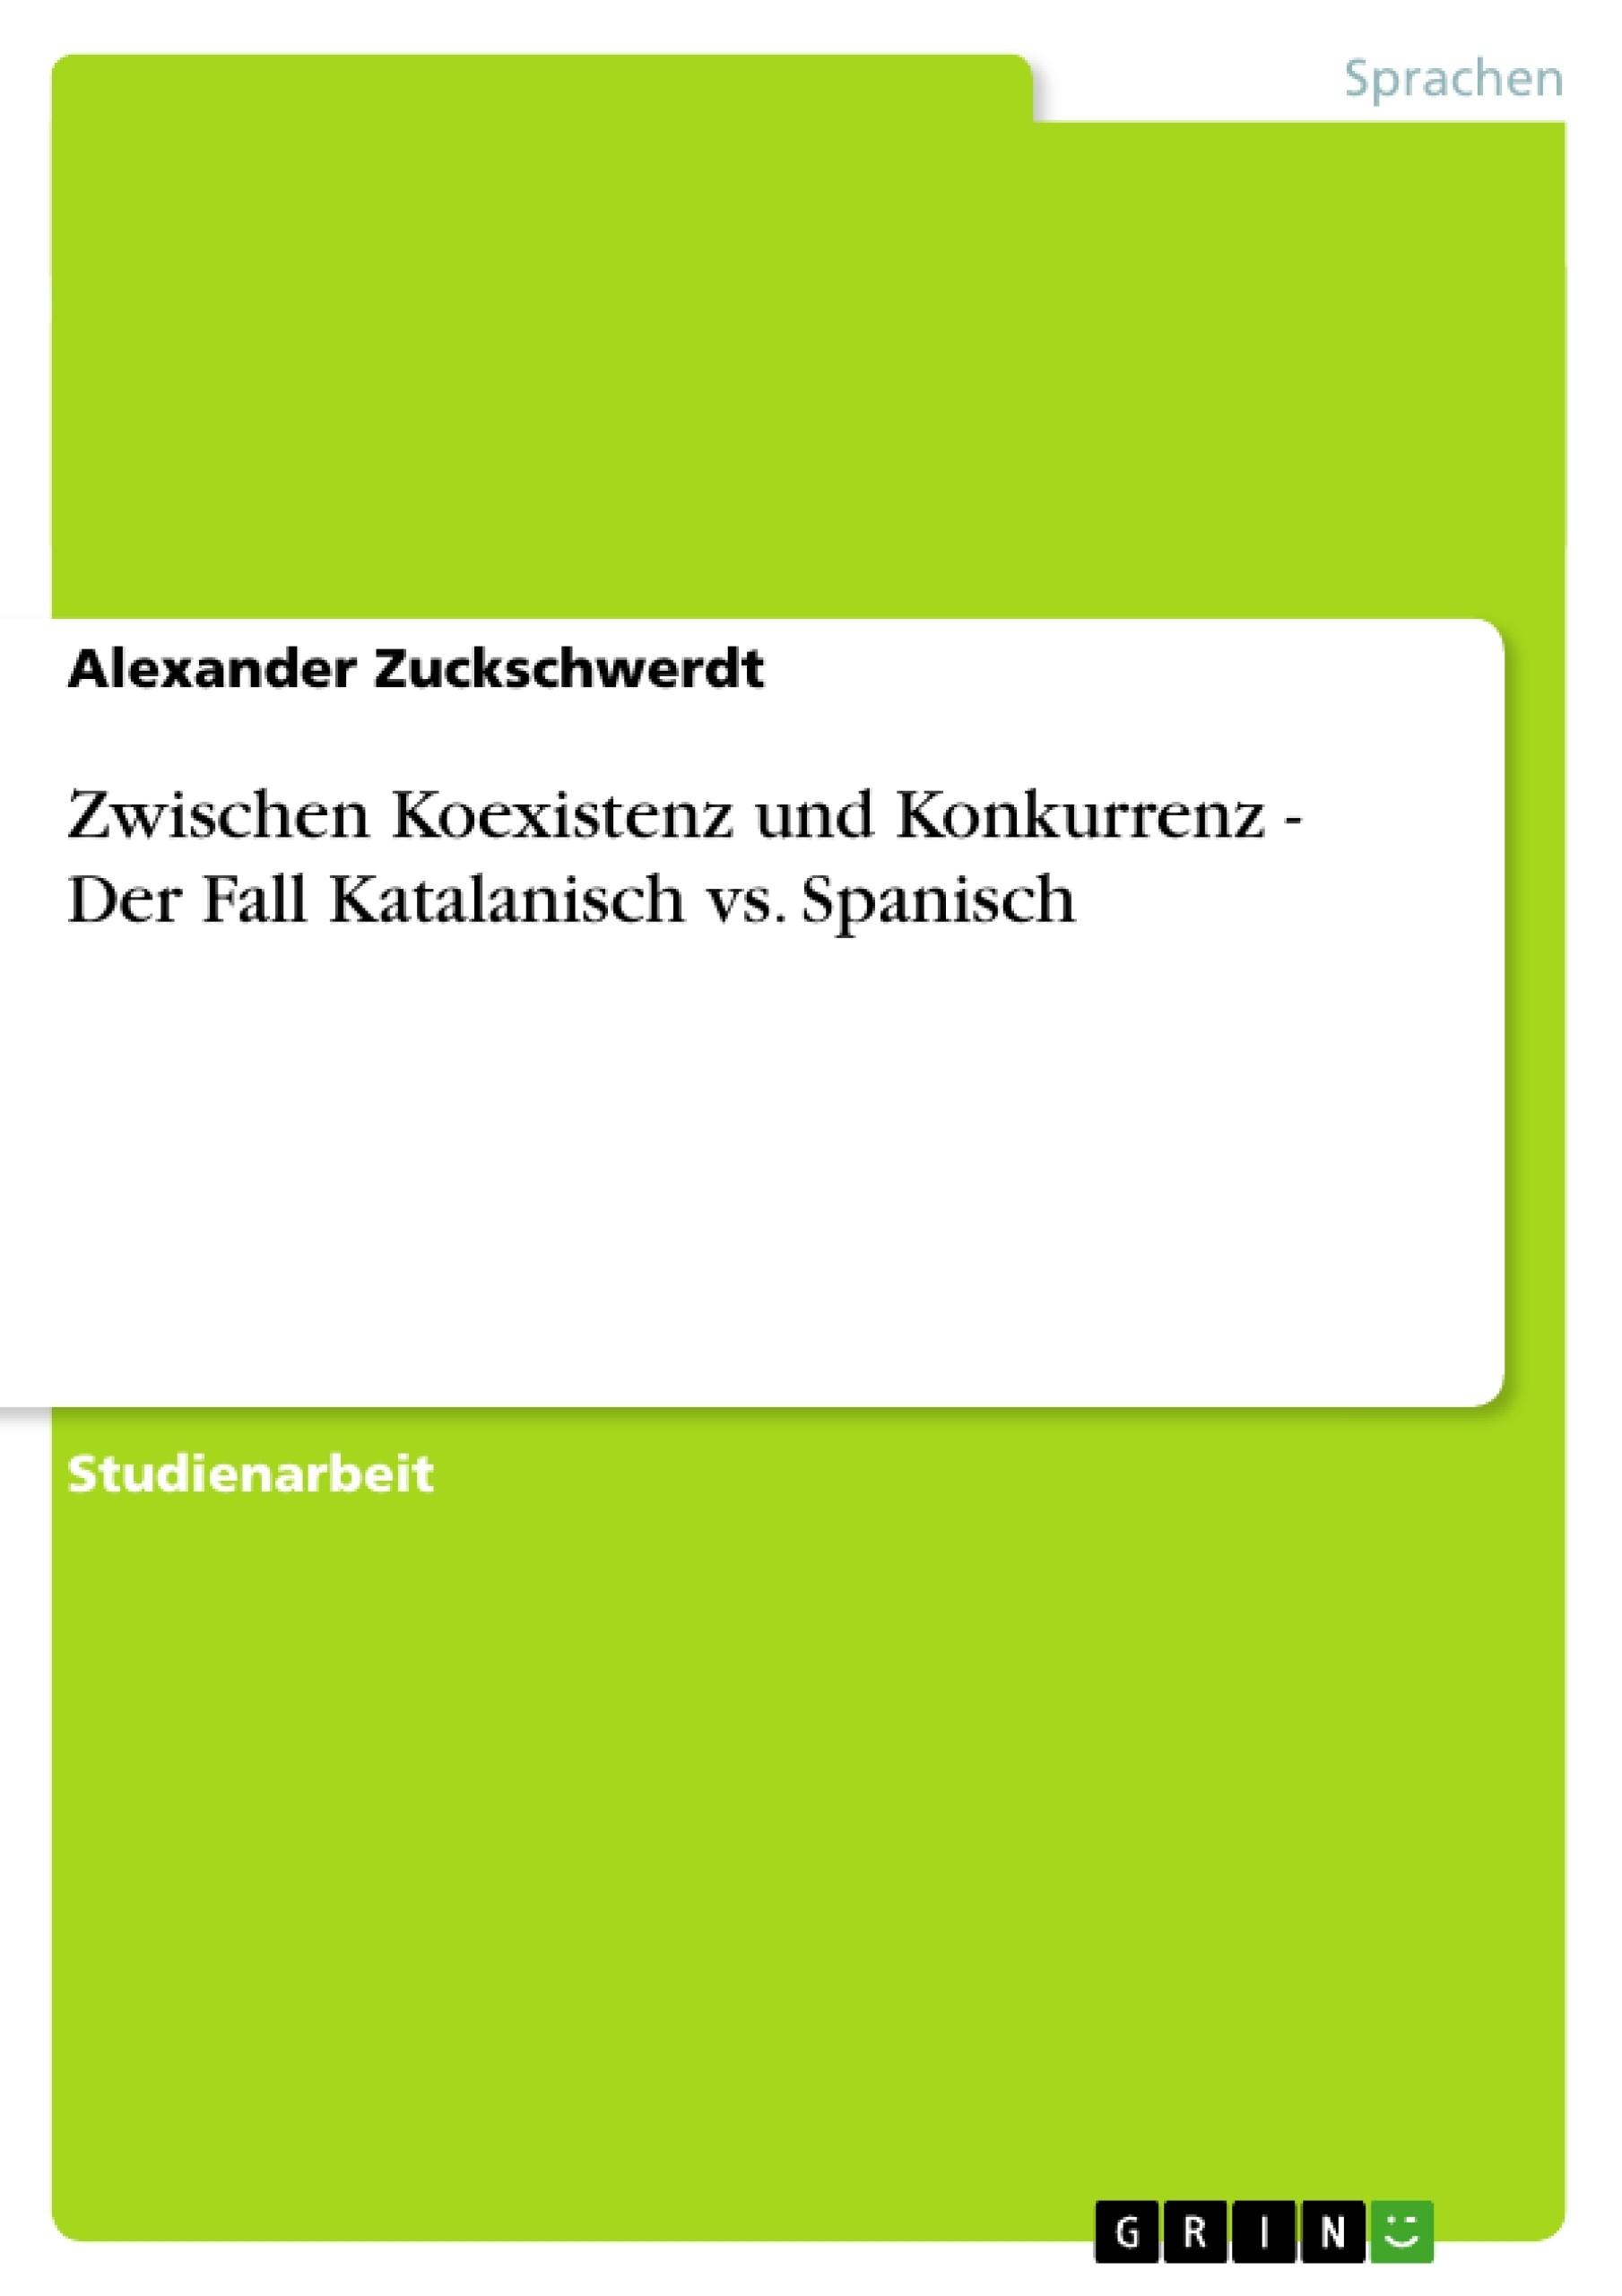 Titel: Zwischen Koexistenz und Konkurrenz - Der Fall Katalanisch vs. Spanisch